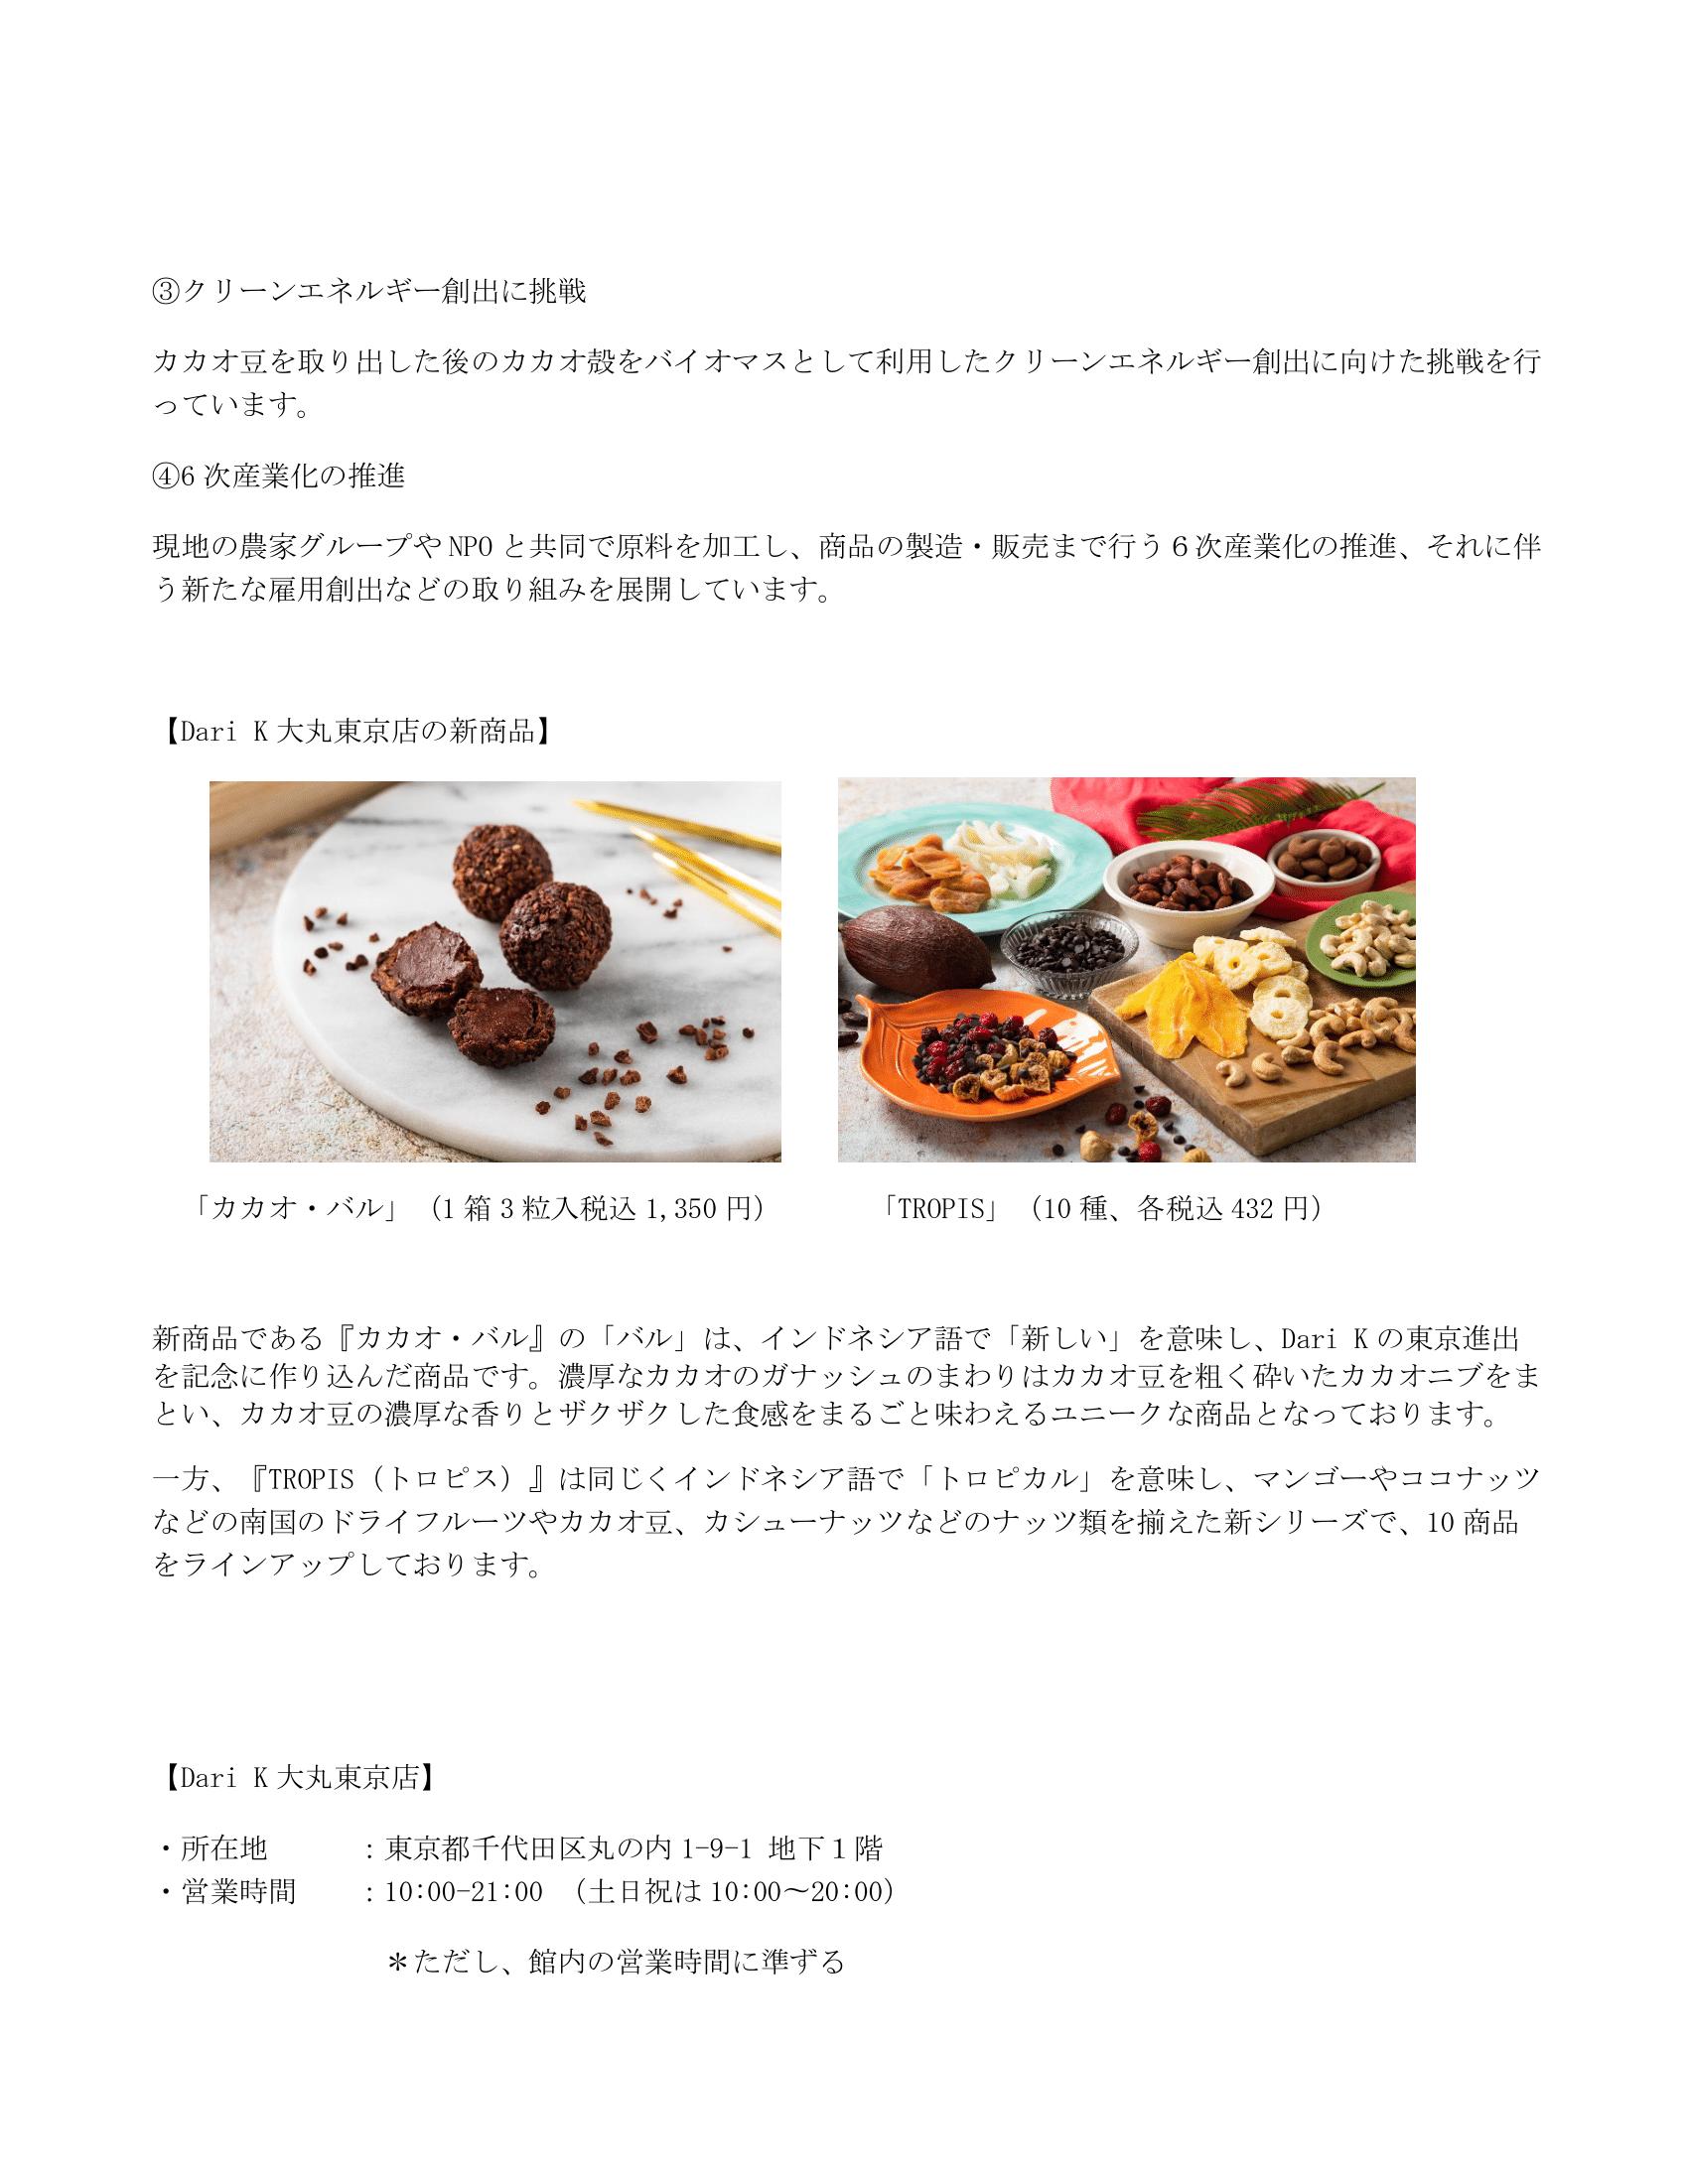 時間 大丸 東京 営業